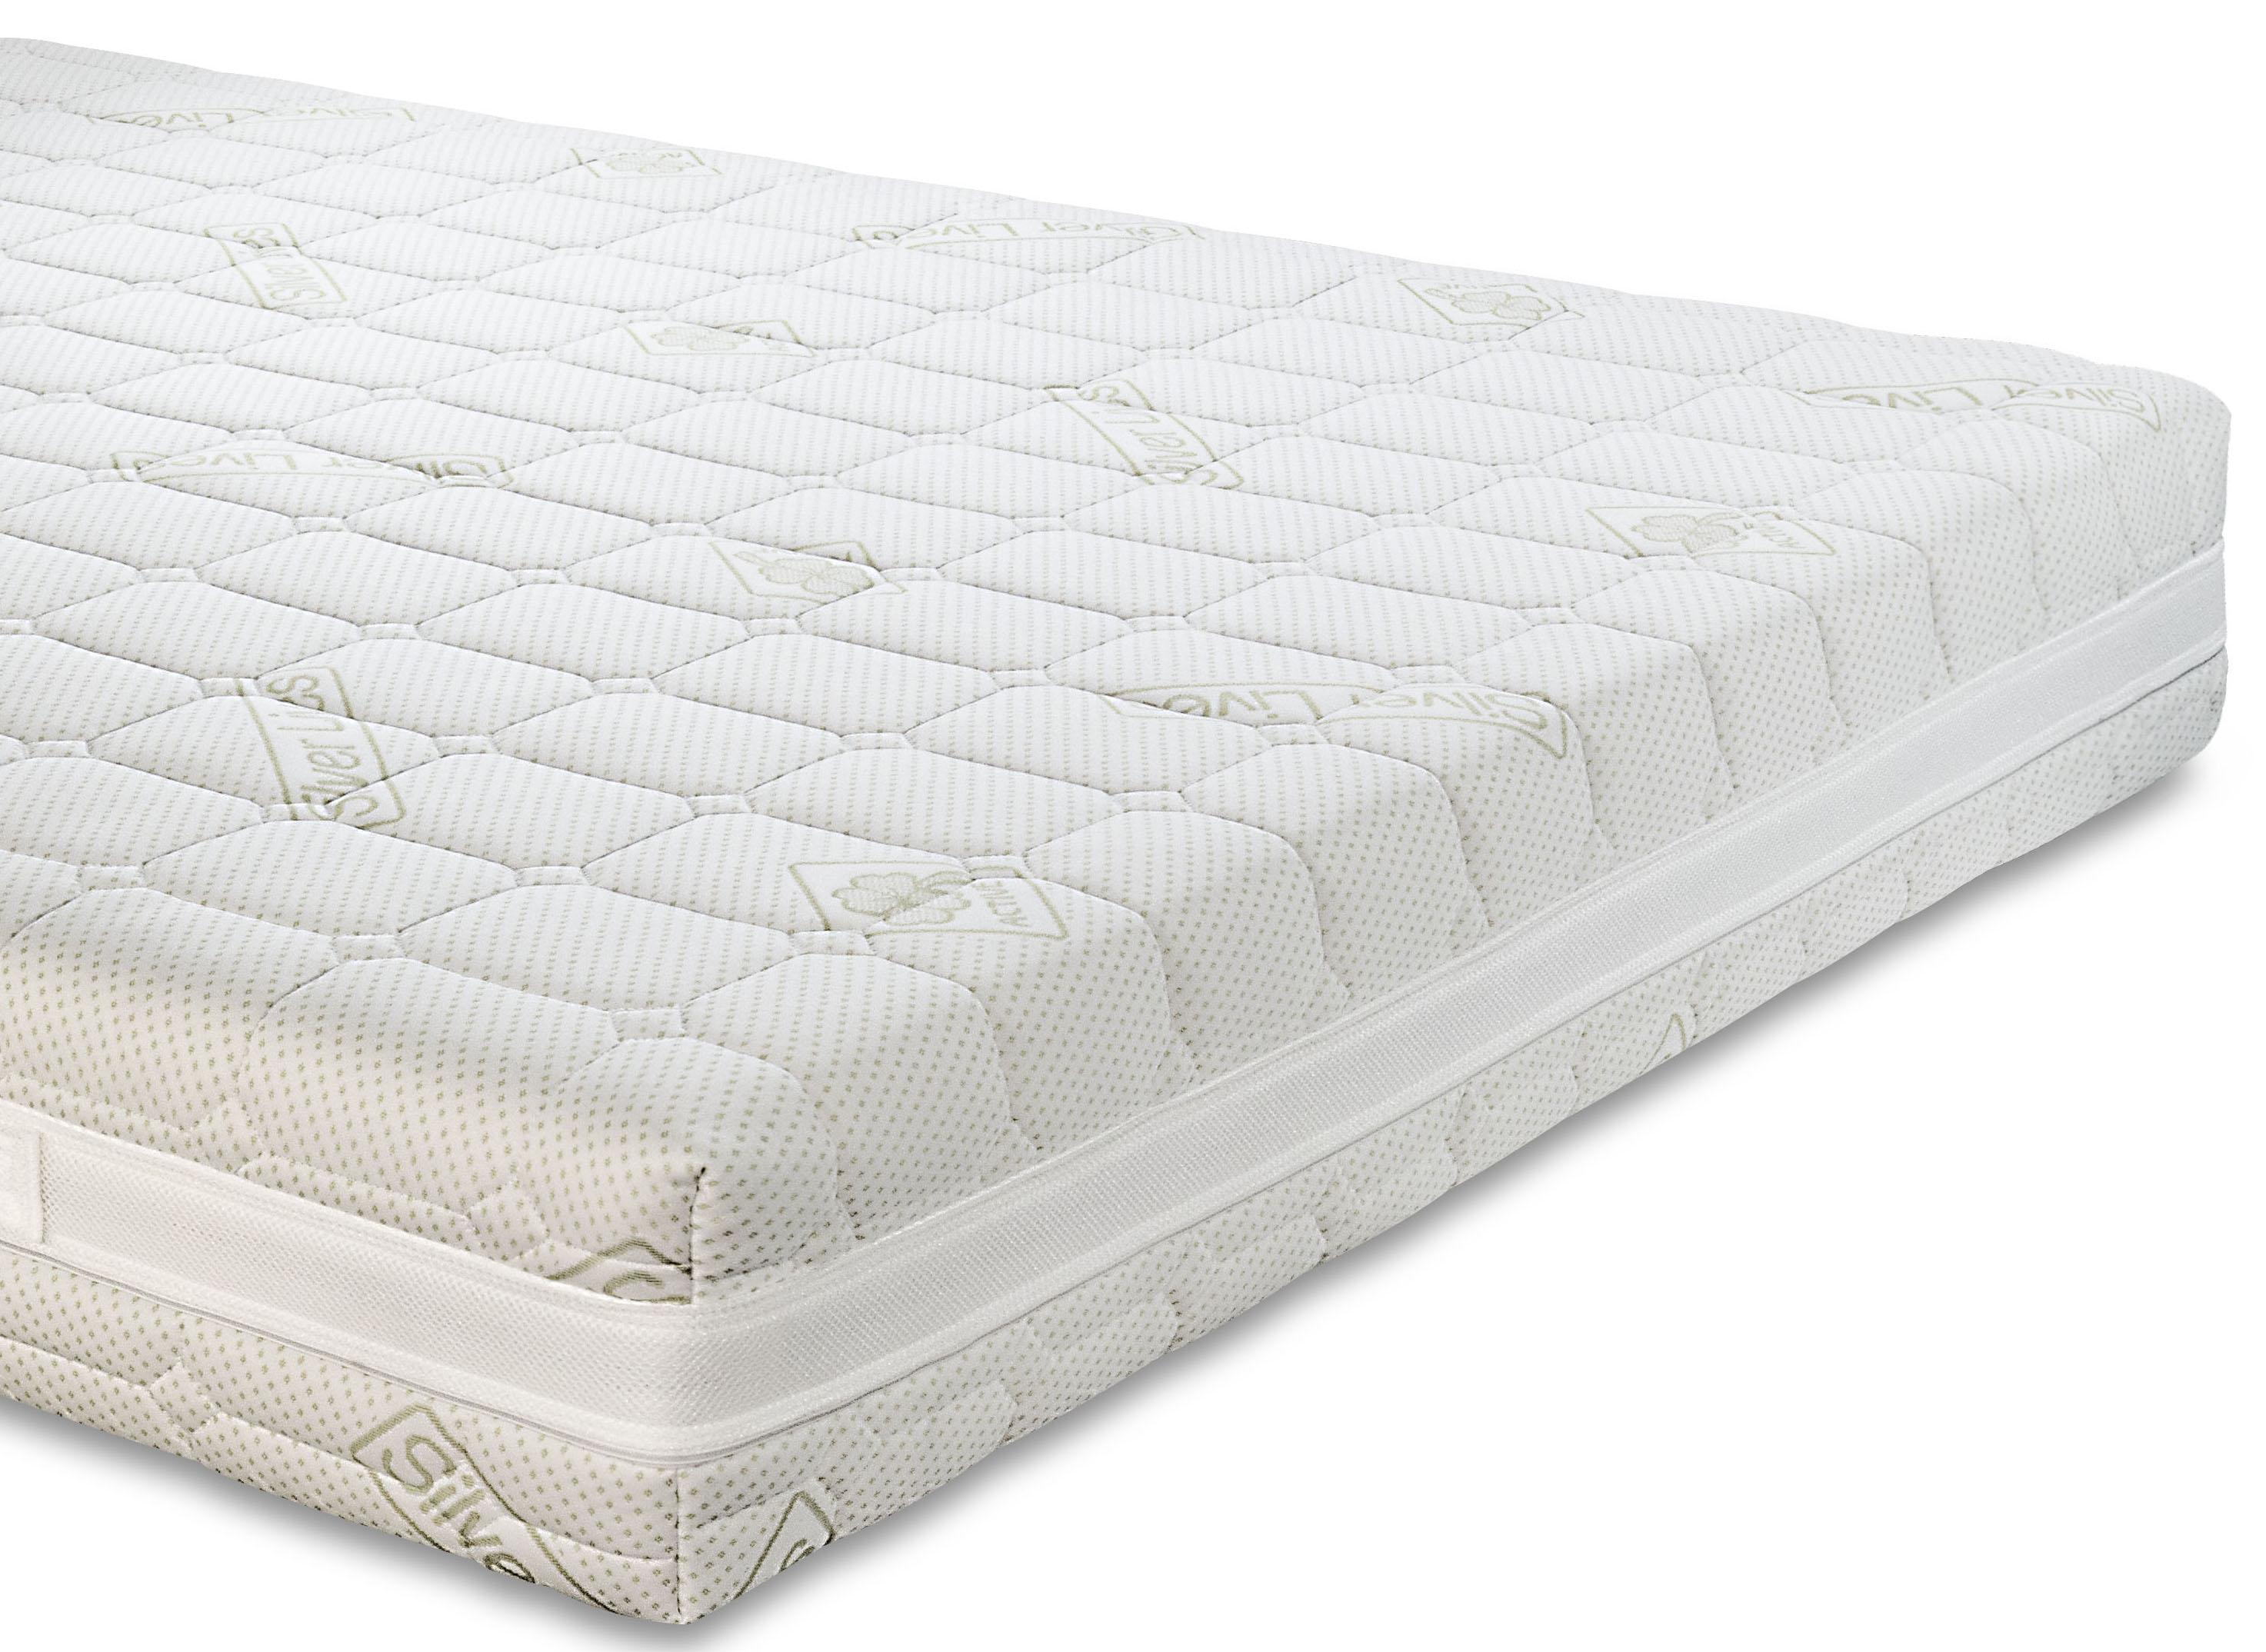 matelas memoire de forme orthopedique silver memory med. Black Bedroom Furniture Sets. Home Design Ideas